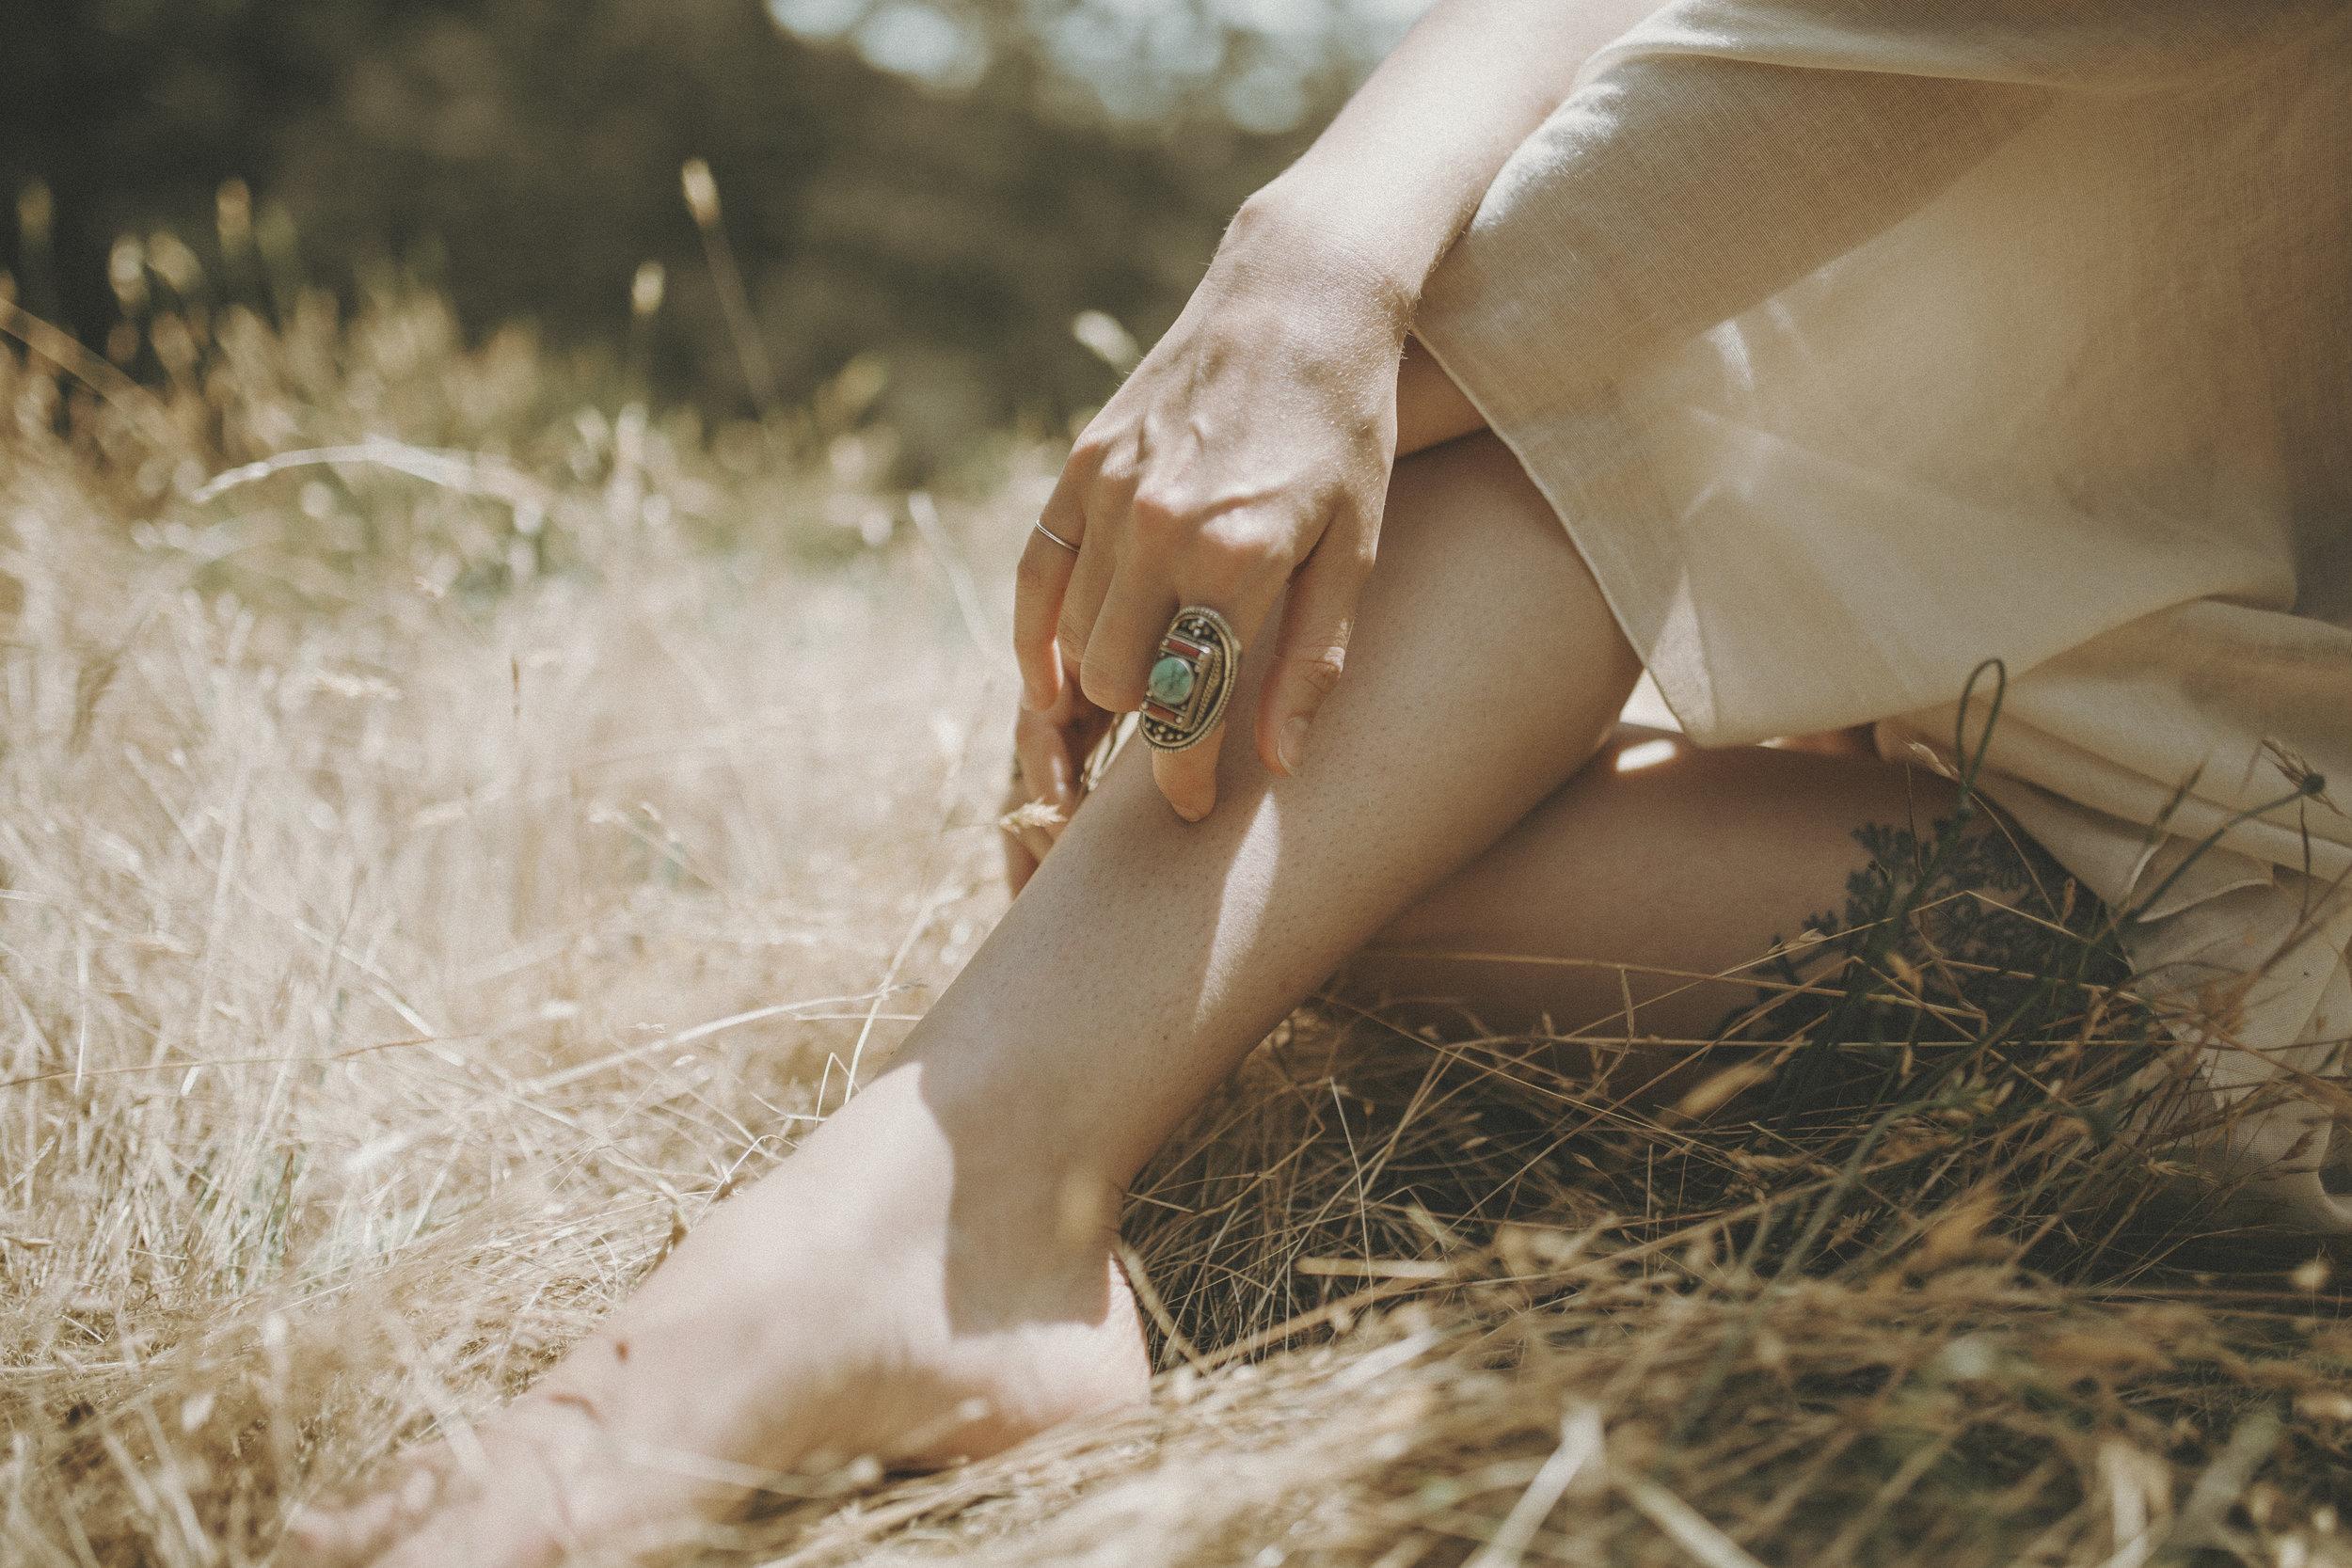 healinghands-133.jpg